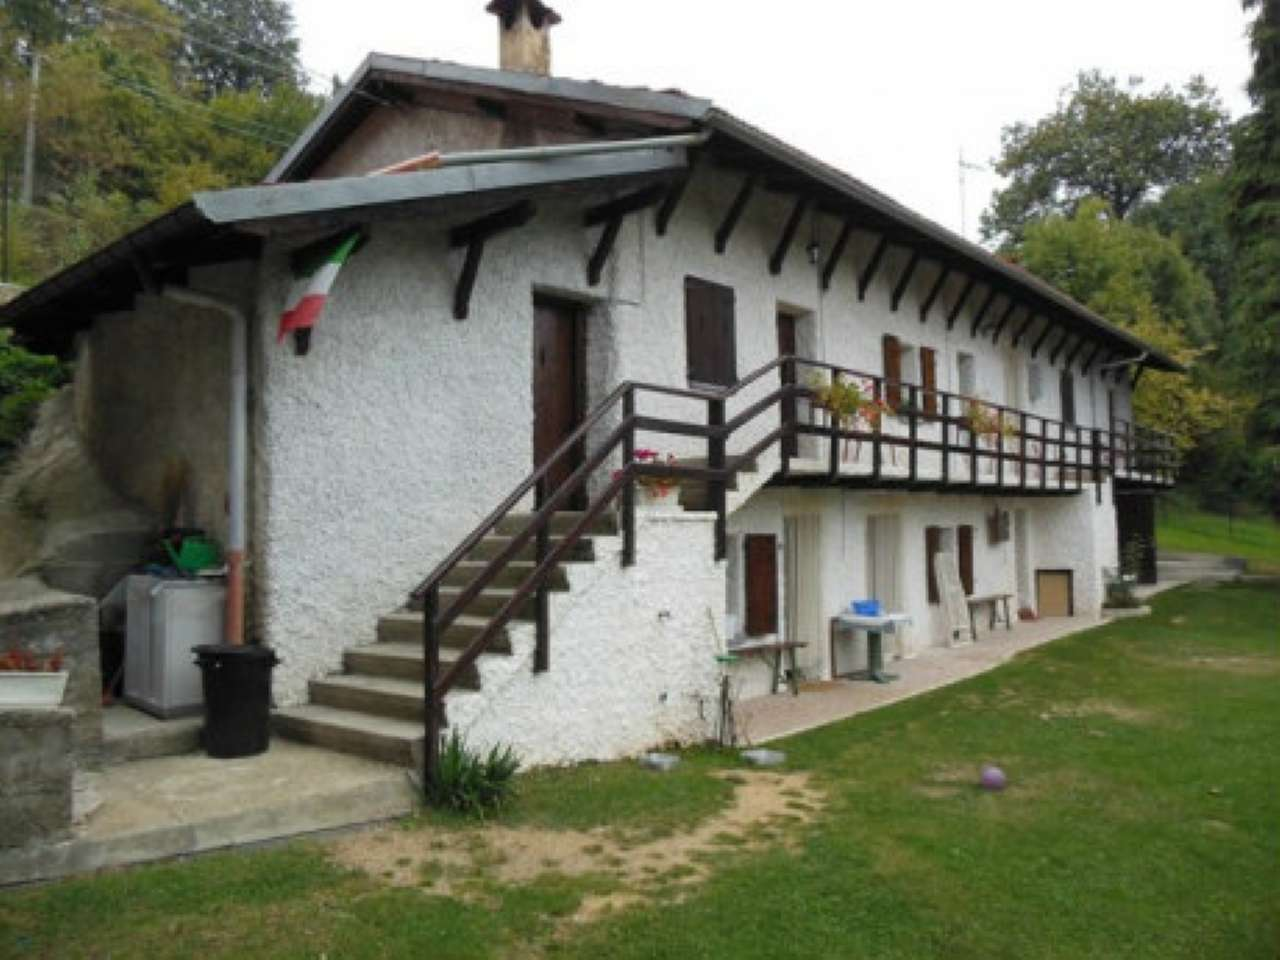 Rustico / Casale in vendita a Rossana, 8 locali, prezzo € 160.000 | CambioCasa.it